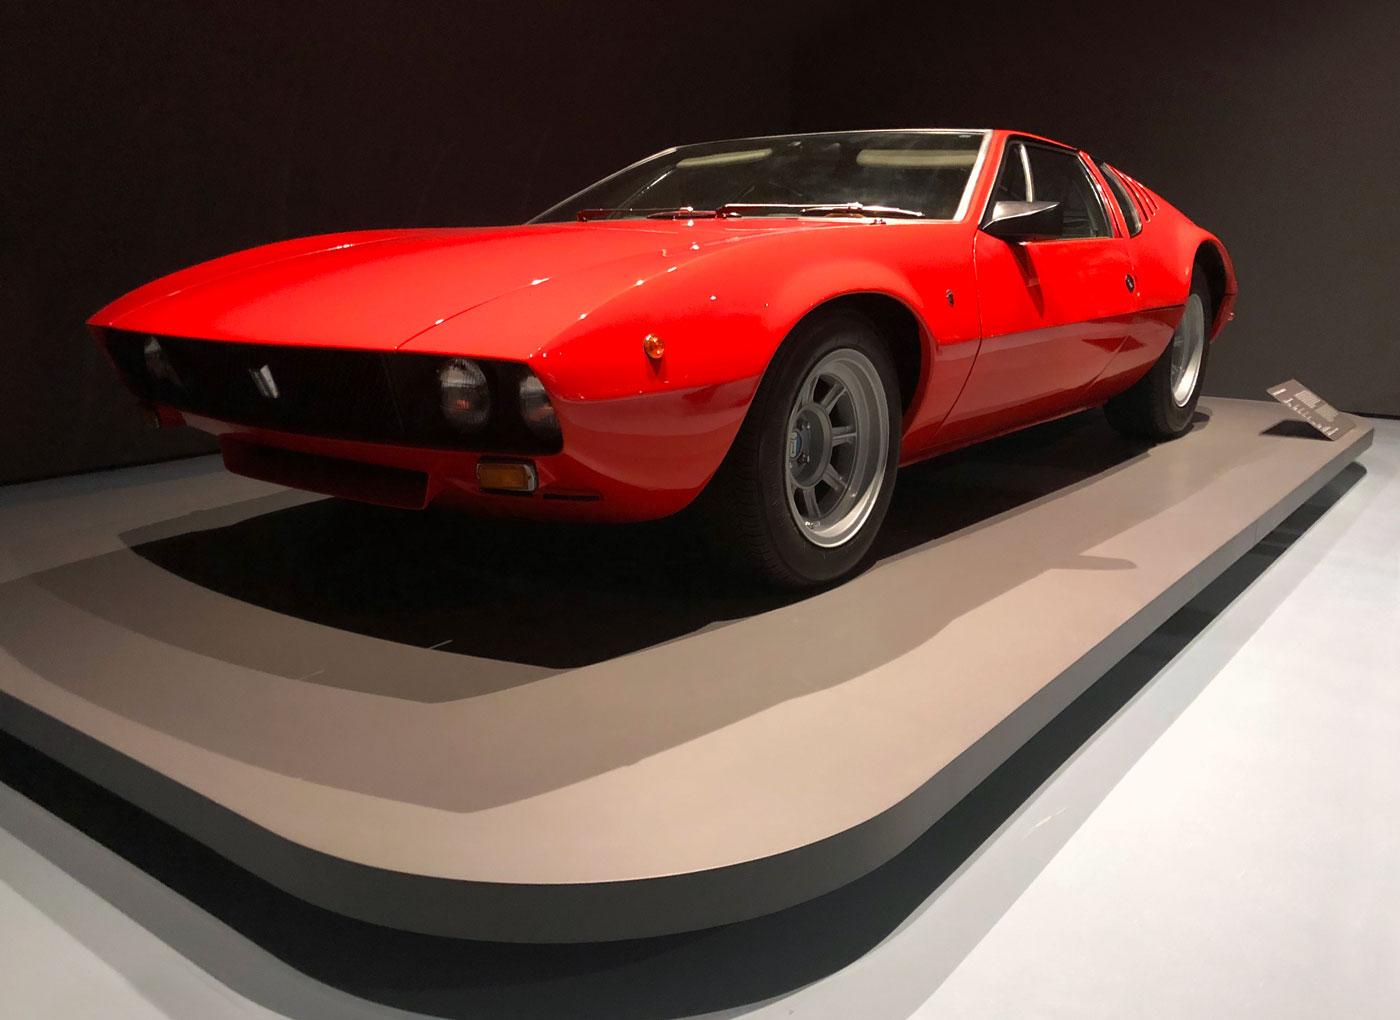 roter De Tomaso Mangusta Sportwagen ausgestellt als Kunstwerk